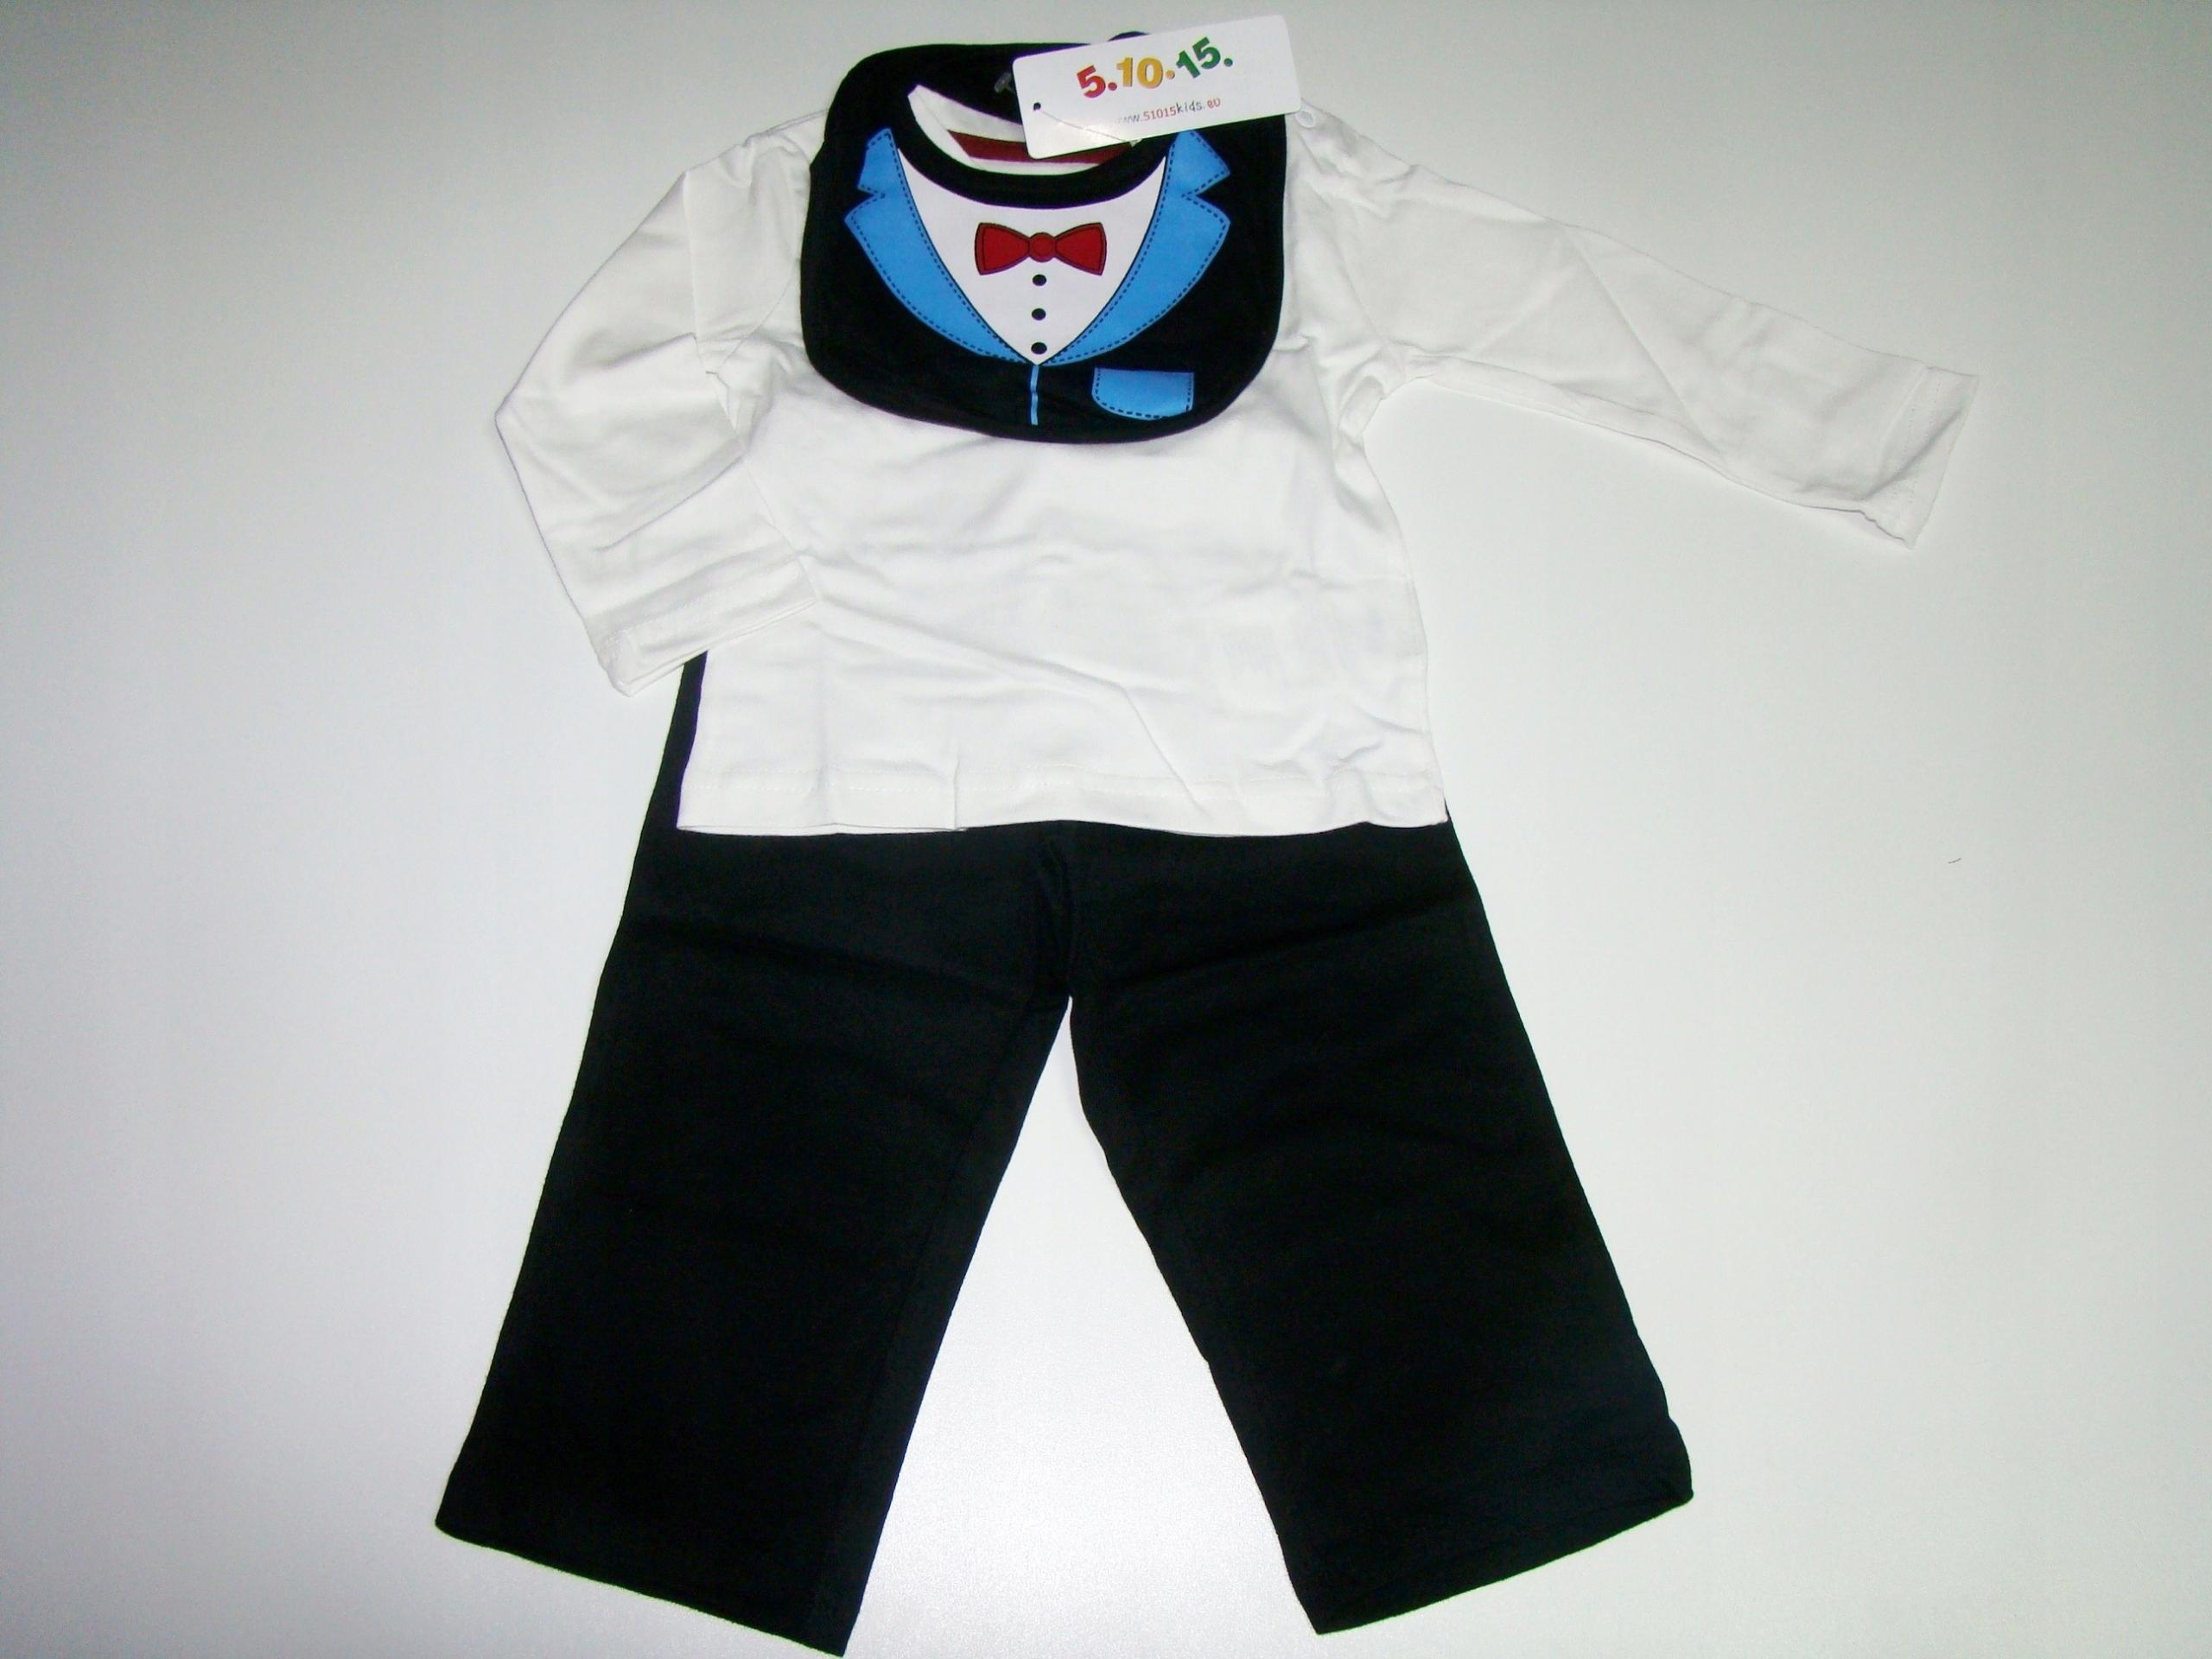 3 szt śliniak bluzka spodnie komplet 74 cm 6-9 m-c